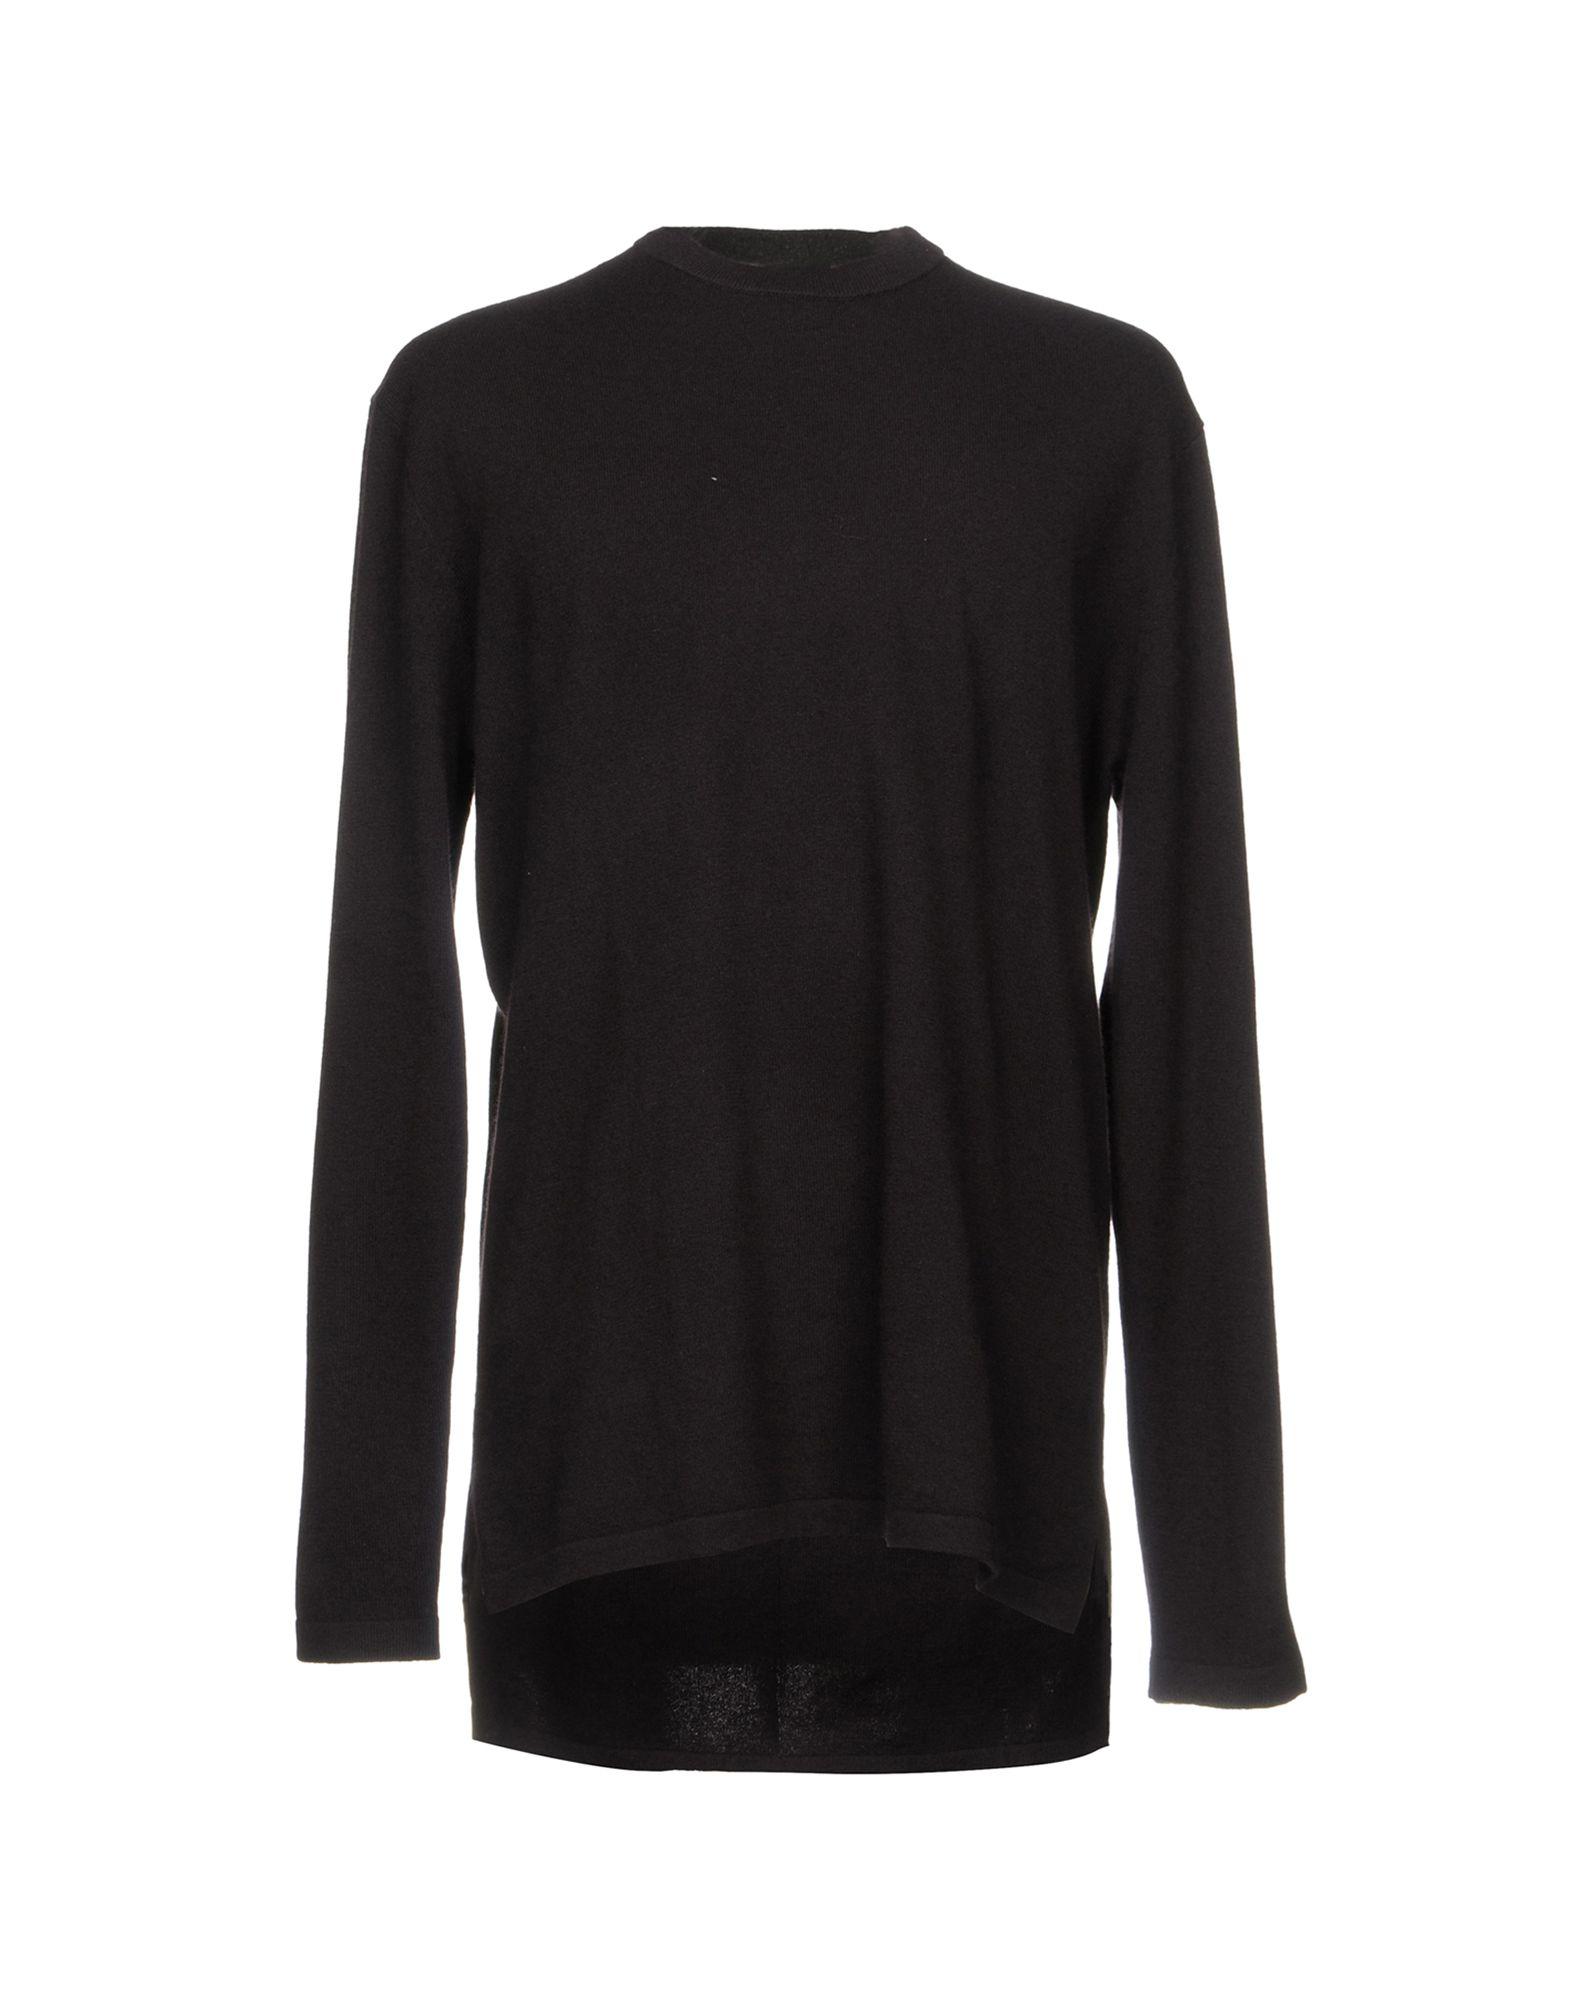 Maglia In Cachemire Givenchy Uomo - Acquista online su